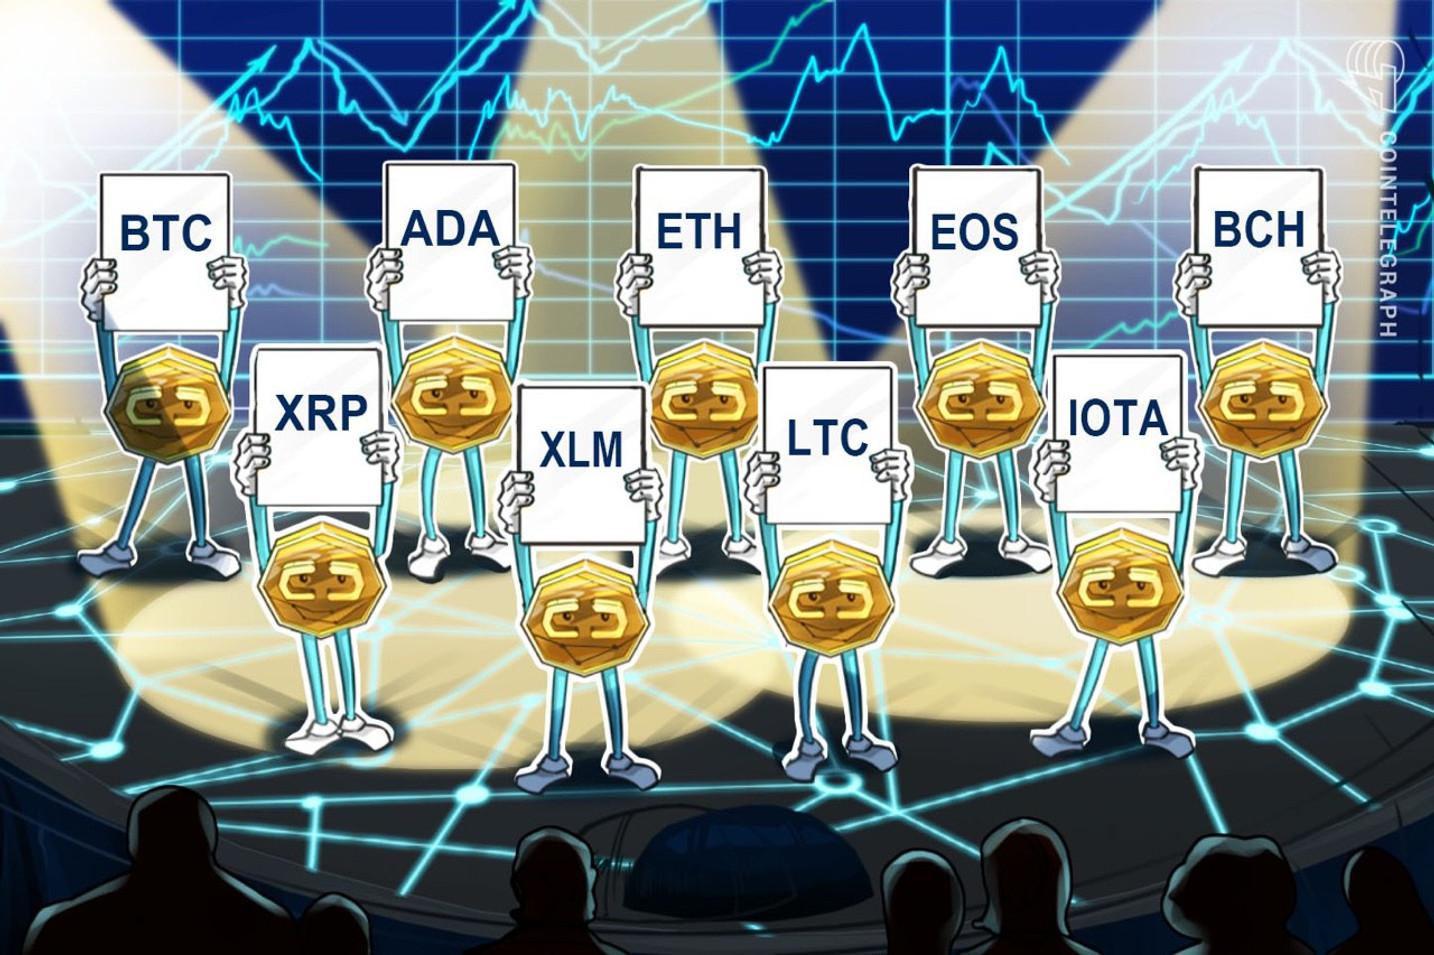 6月22日の仮想通貨チャート分析:ビットコイン、イーサリアム、リップル、ビットコインキャッシュ、EOS、ライトコイン、カルダノ、ステラ、IOTA